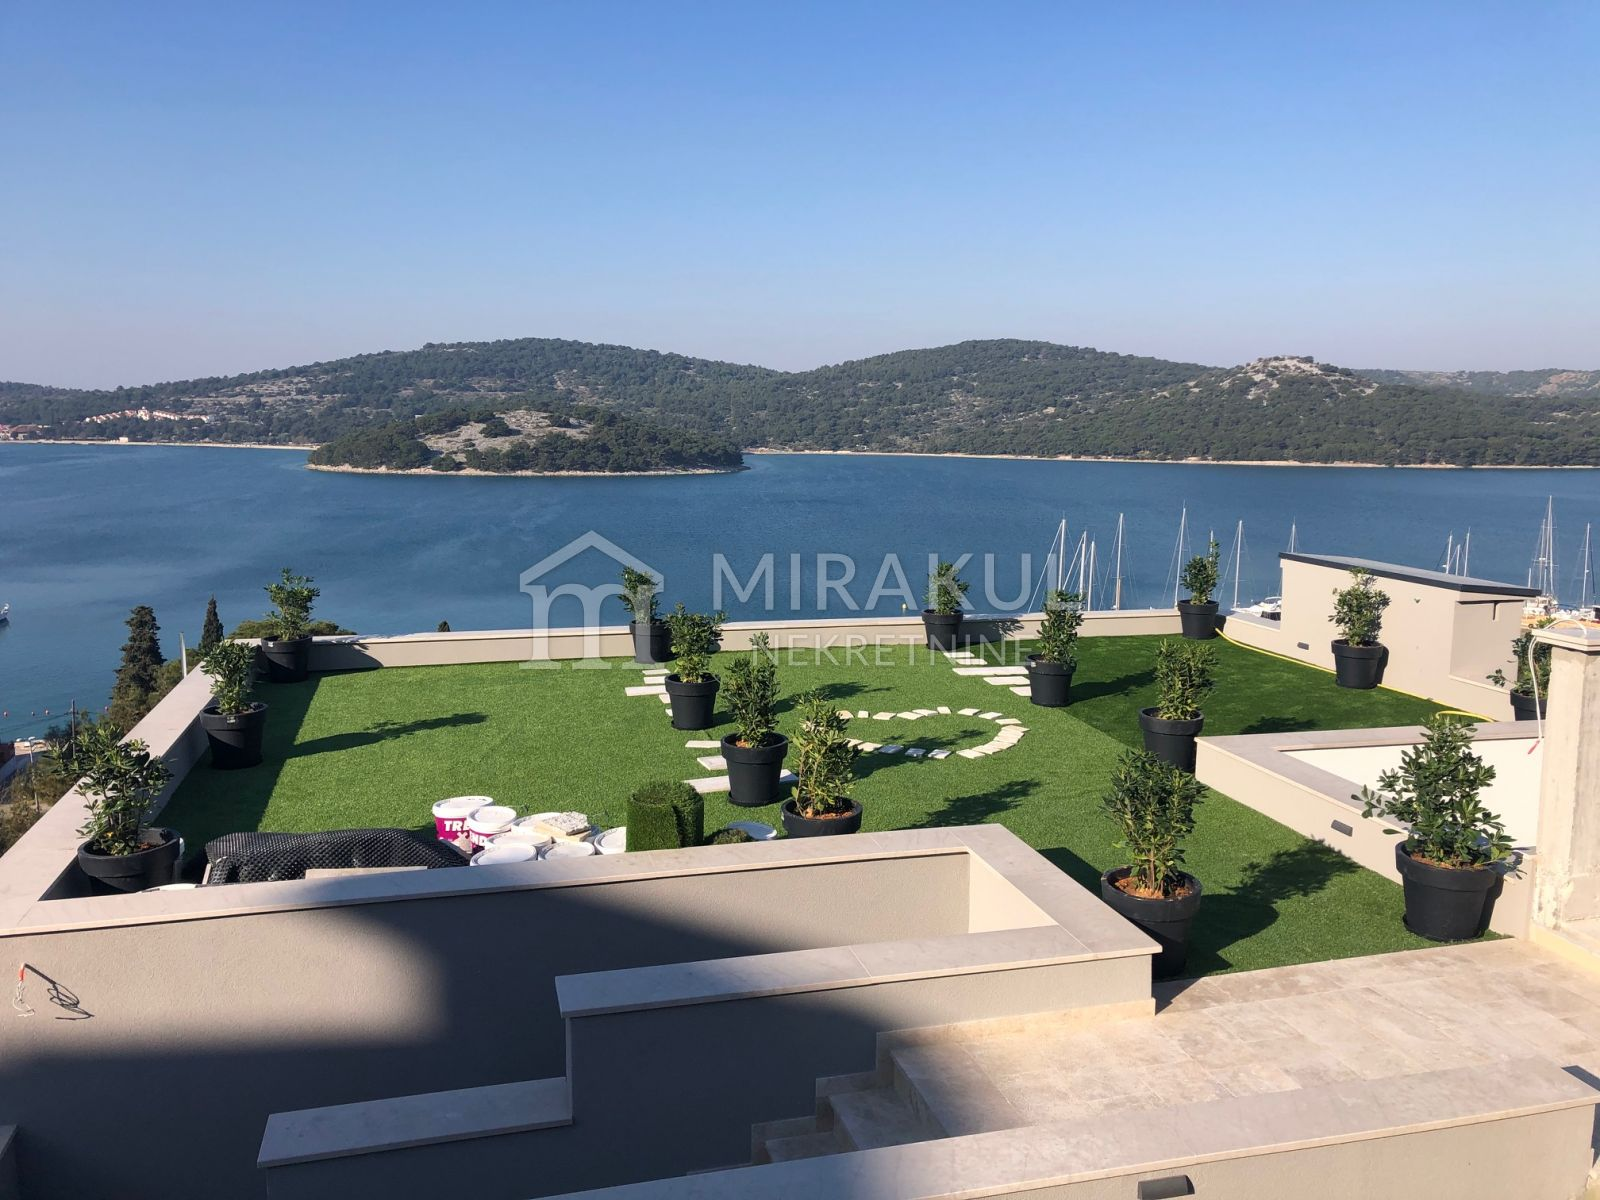 Nekretnine Tisno, Prodaja ekskluzivne vile sa bazenom i pogledom na more, KT-532, Mirakul nekretnine 1